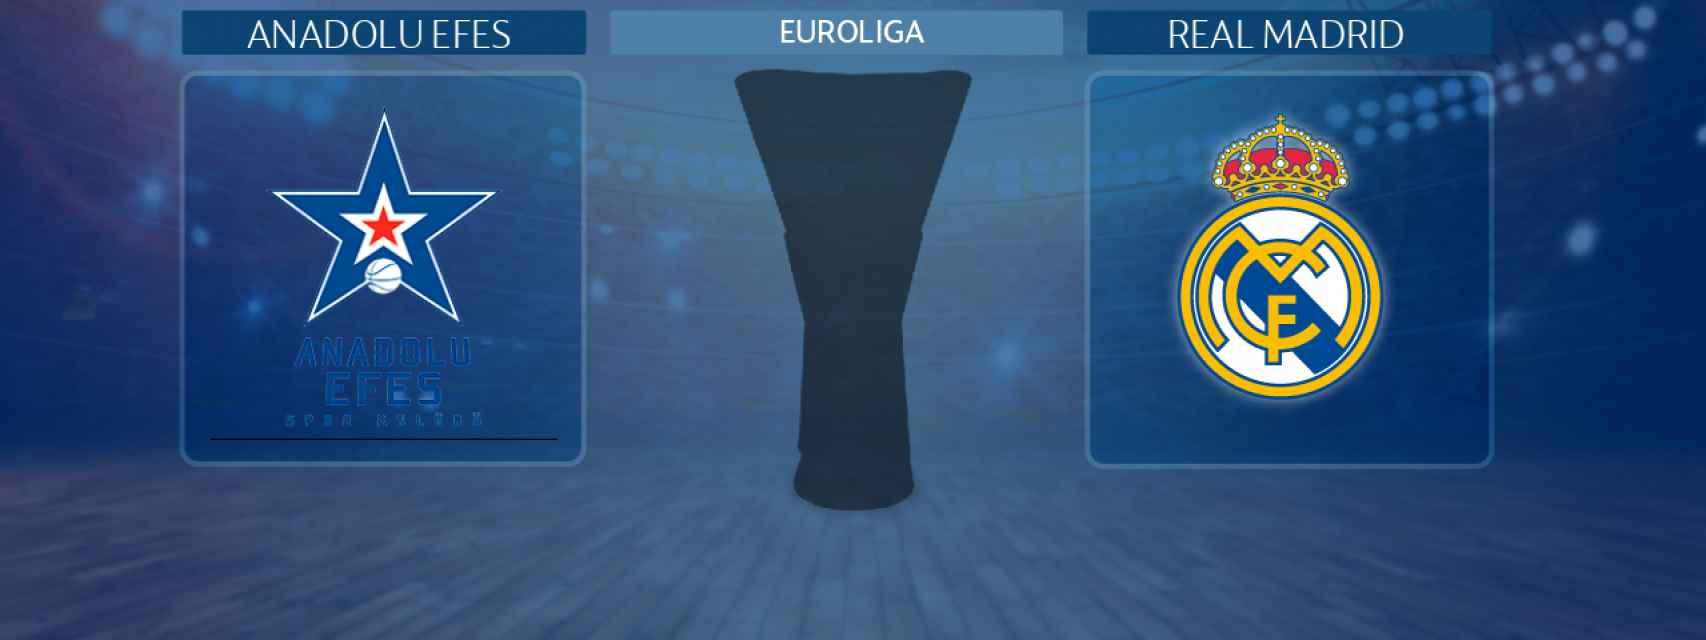 Anadolu Efes - Real Madrid, partido de la Euroliga